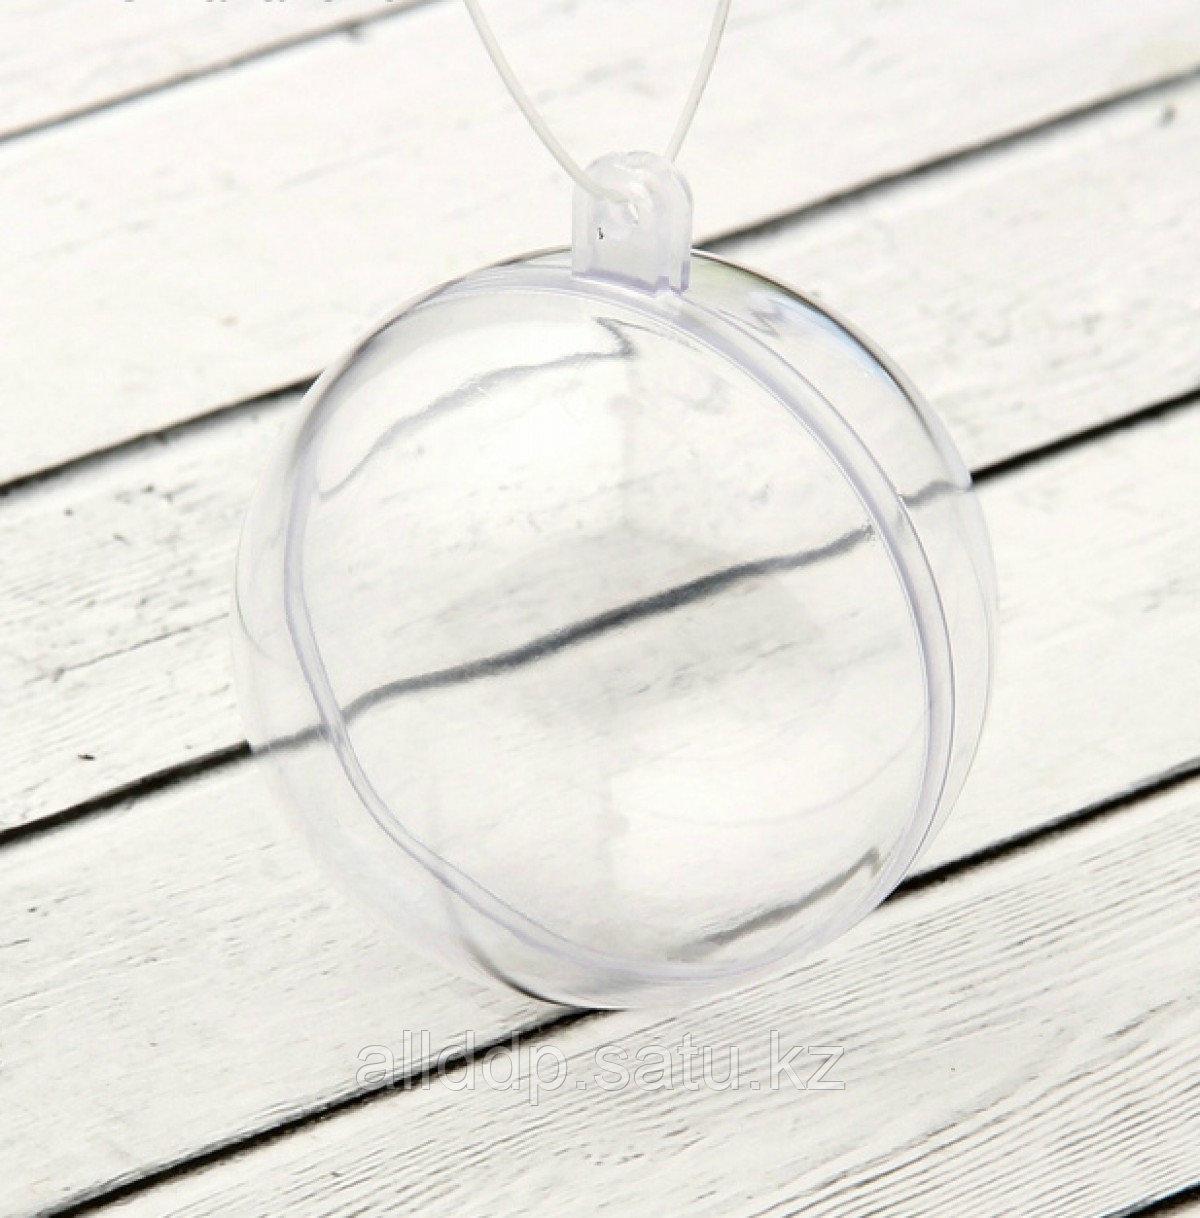 Заготовка - подвеска, раздельные части -Шар, диаметр собранного 7 см - фото 5